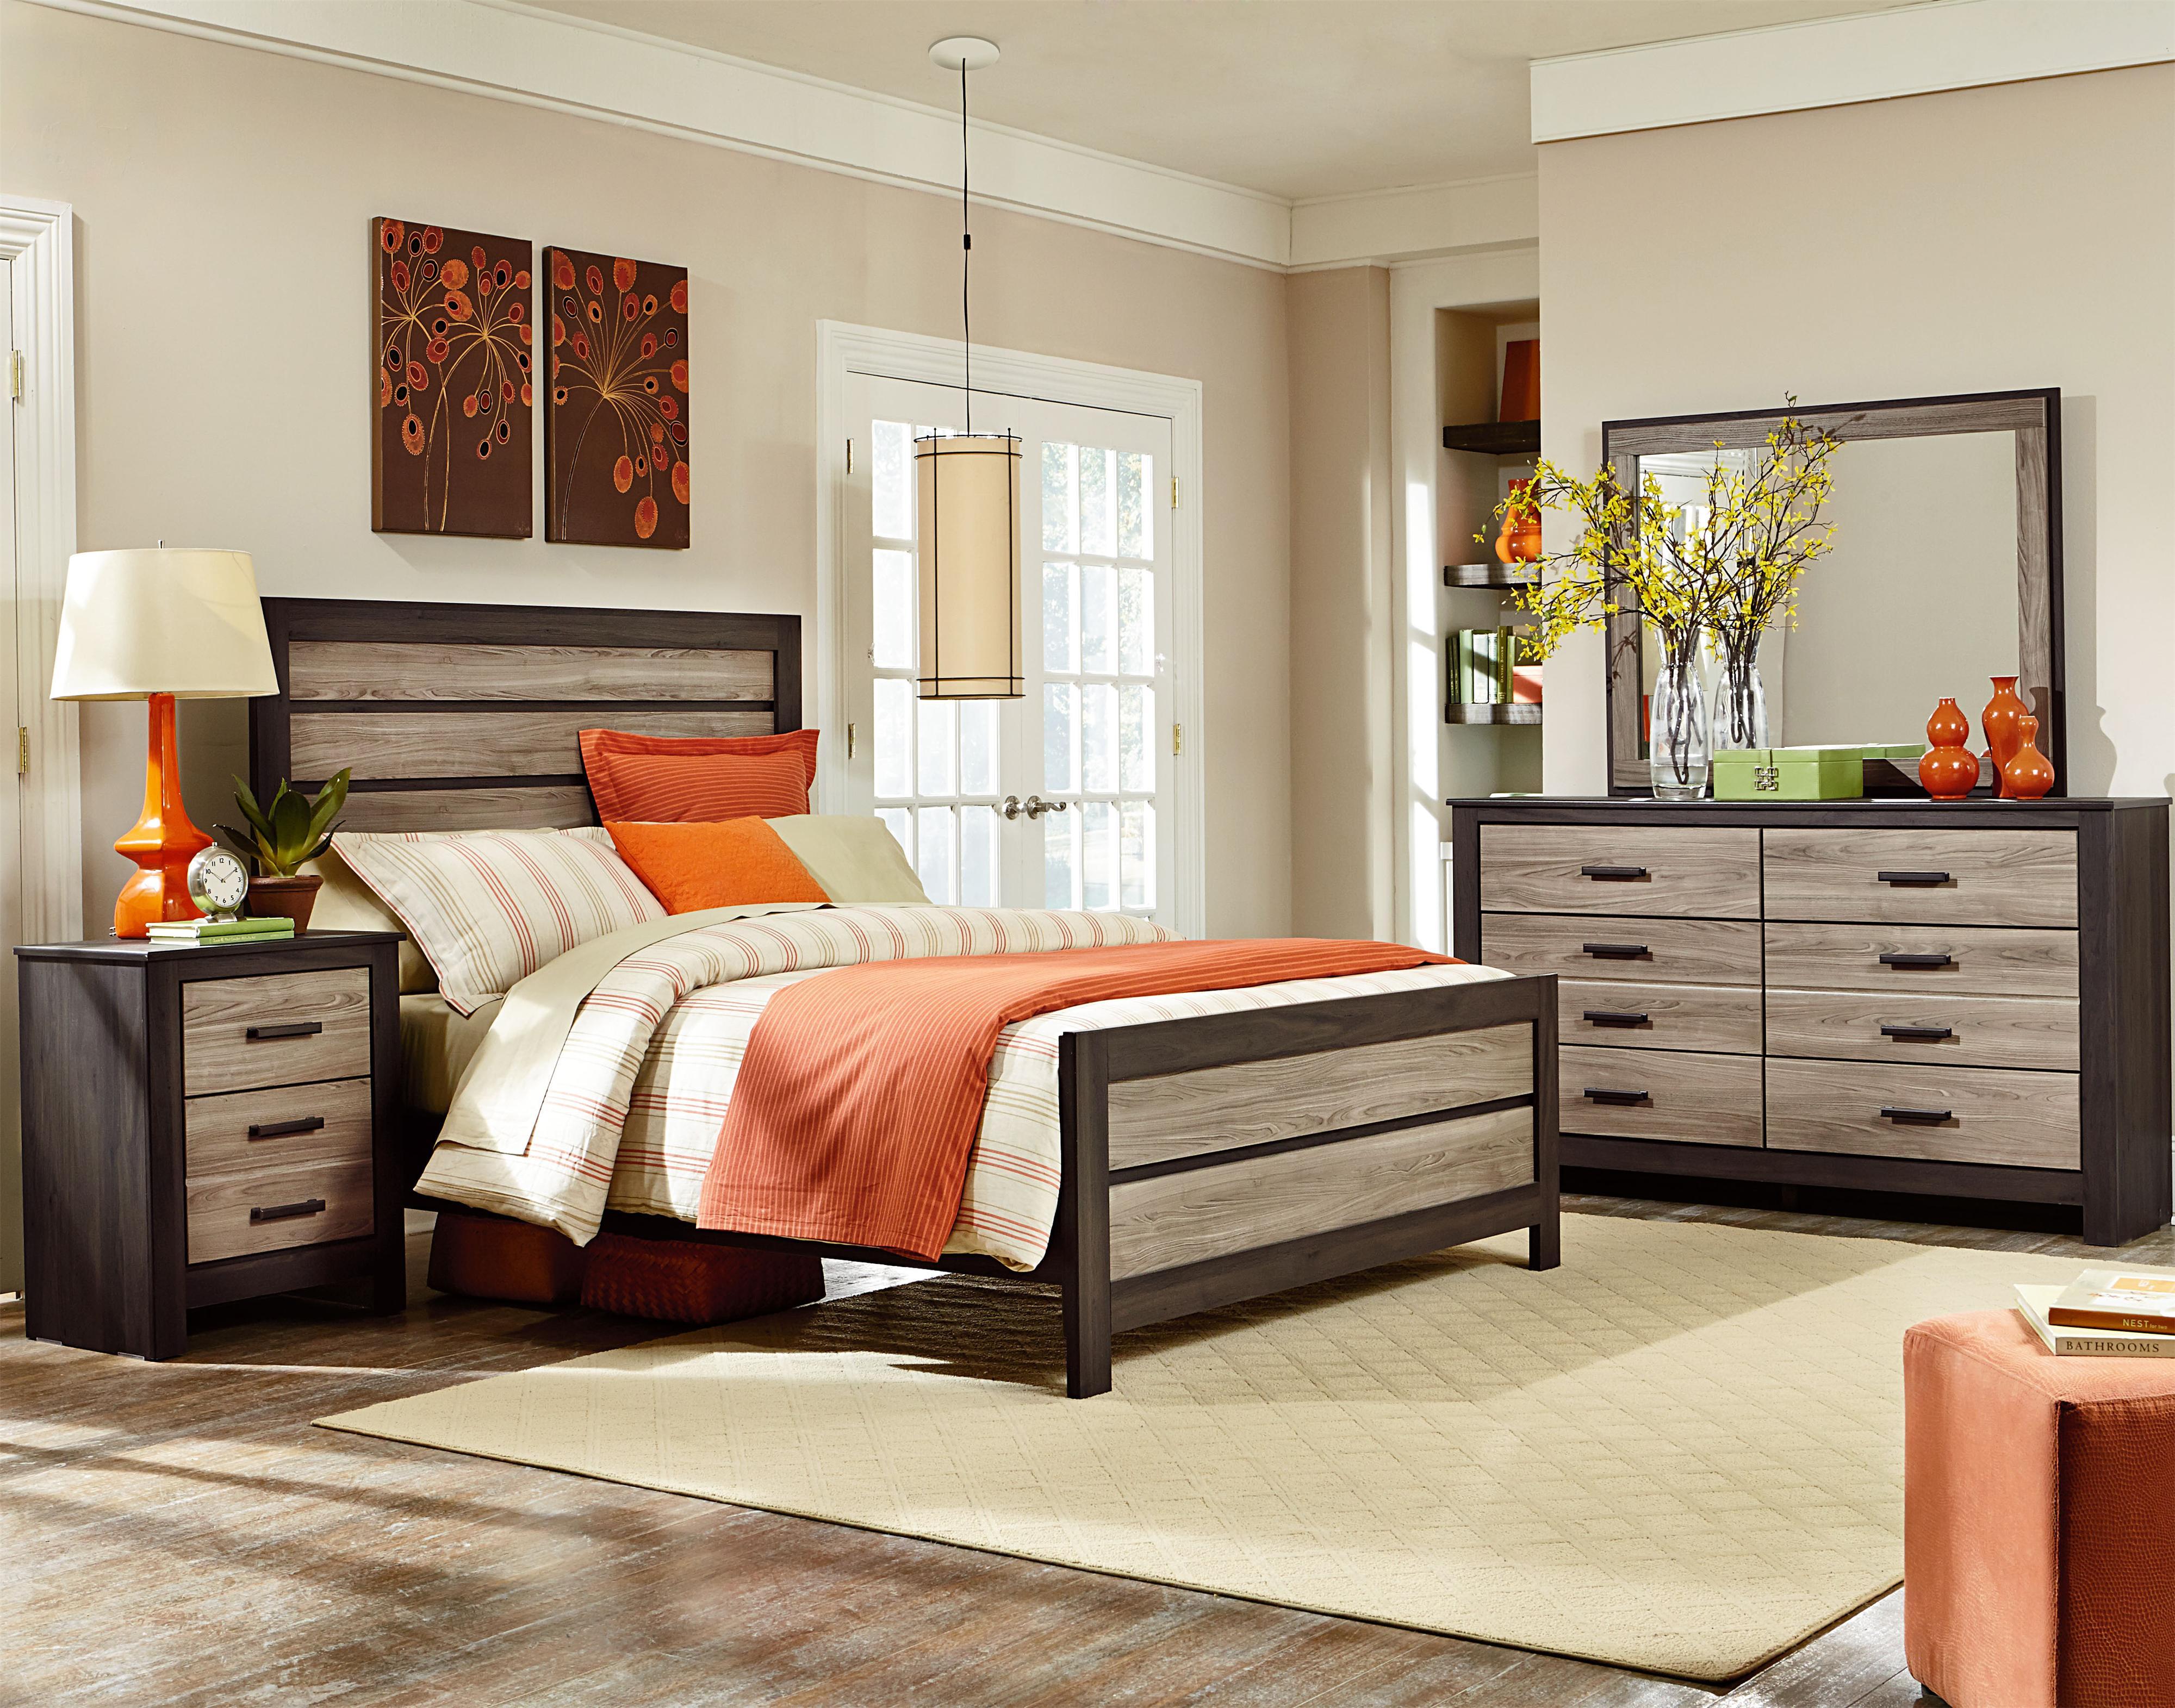 Standard Furniture Freemont Queen Bedroom Group - Item Number: 69750 Q Bedroom Group 1